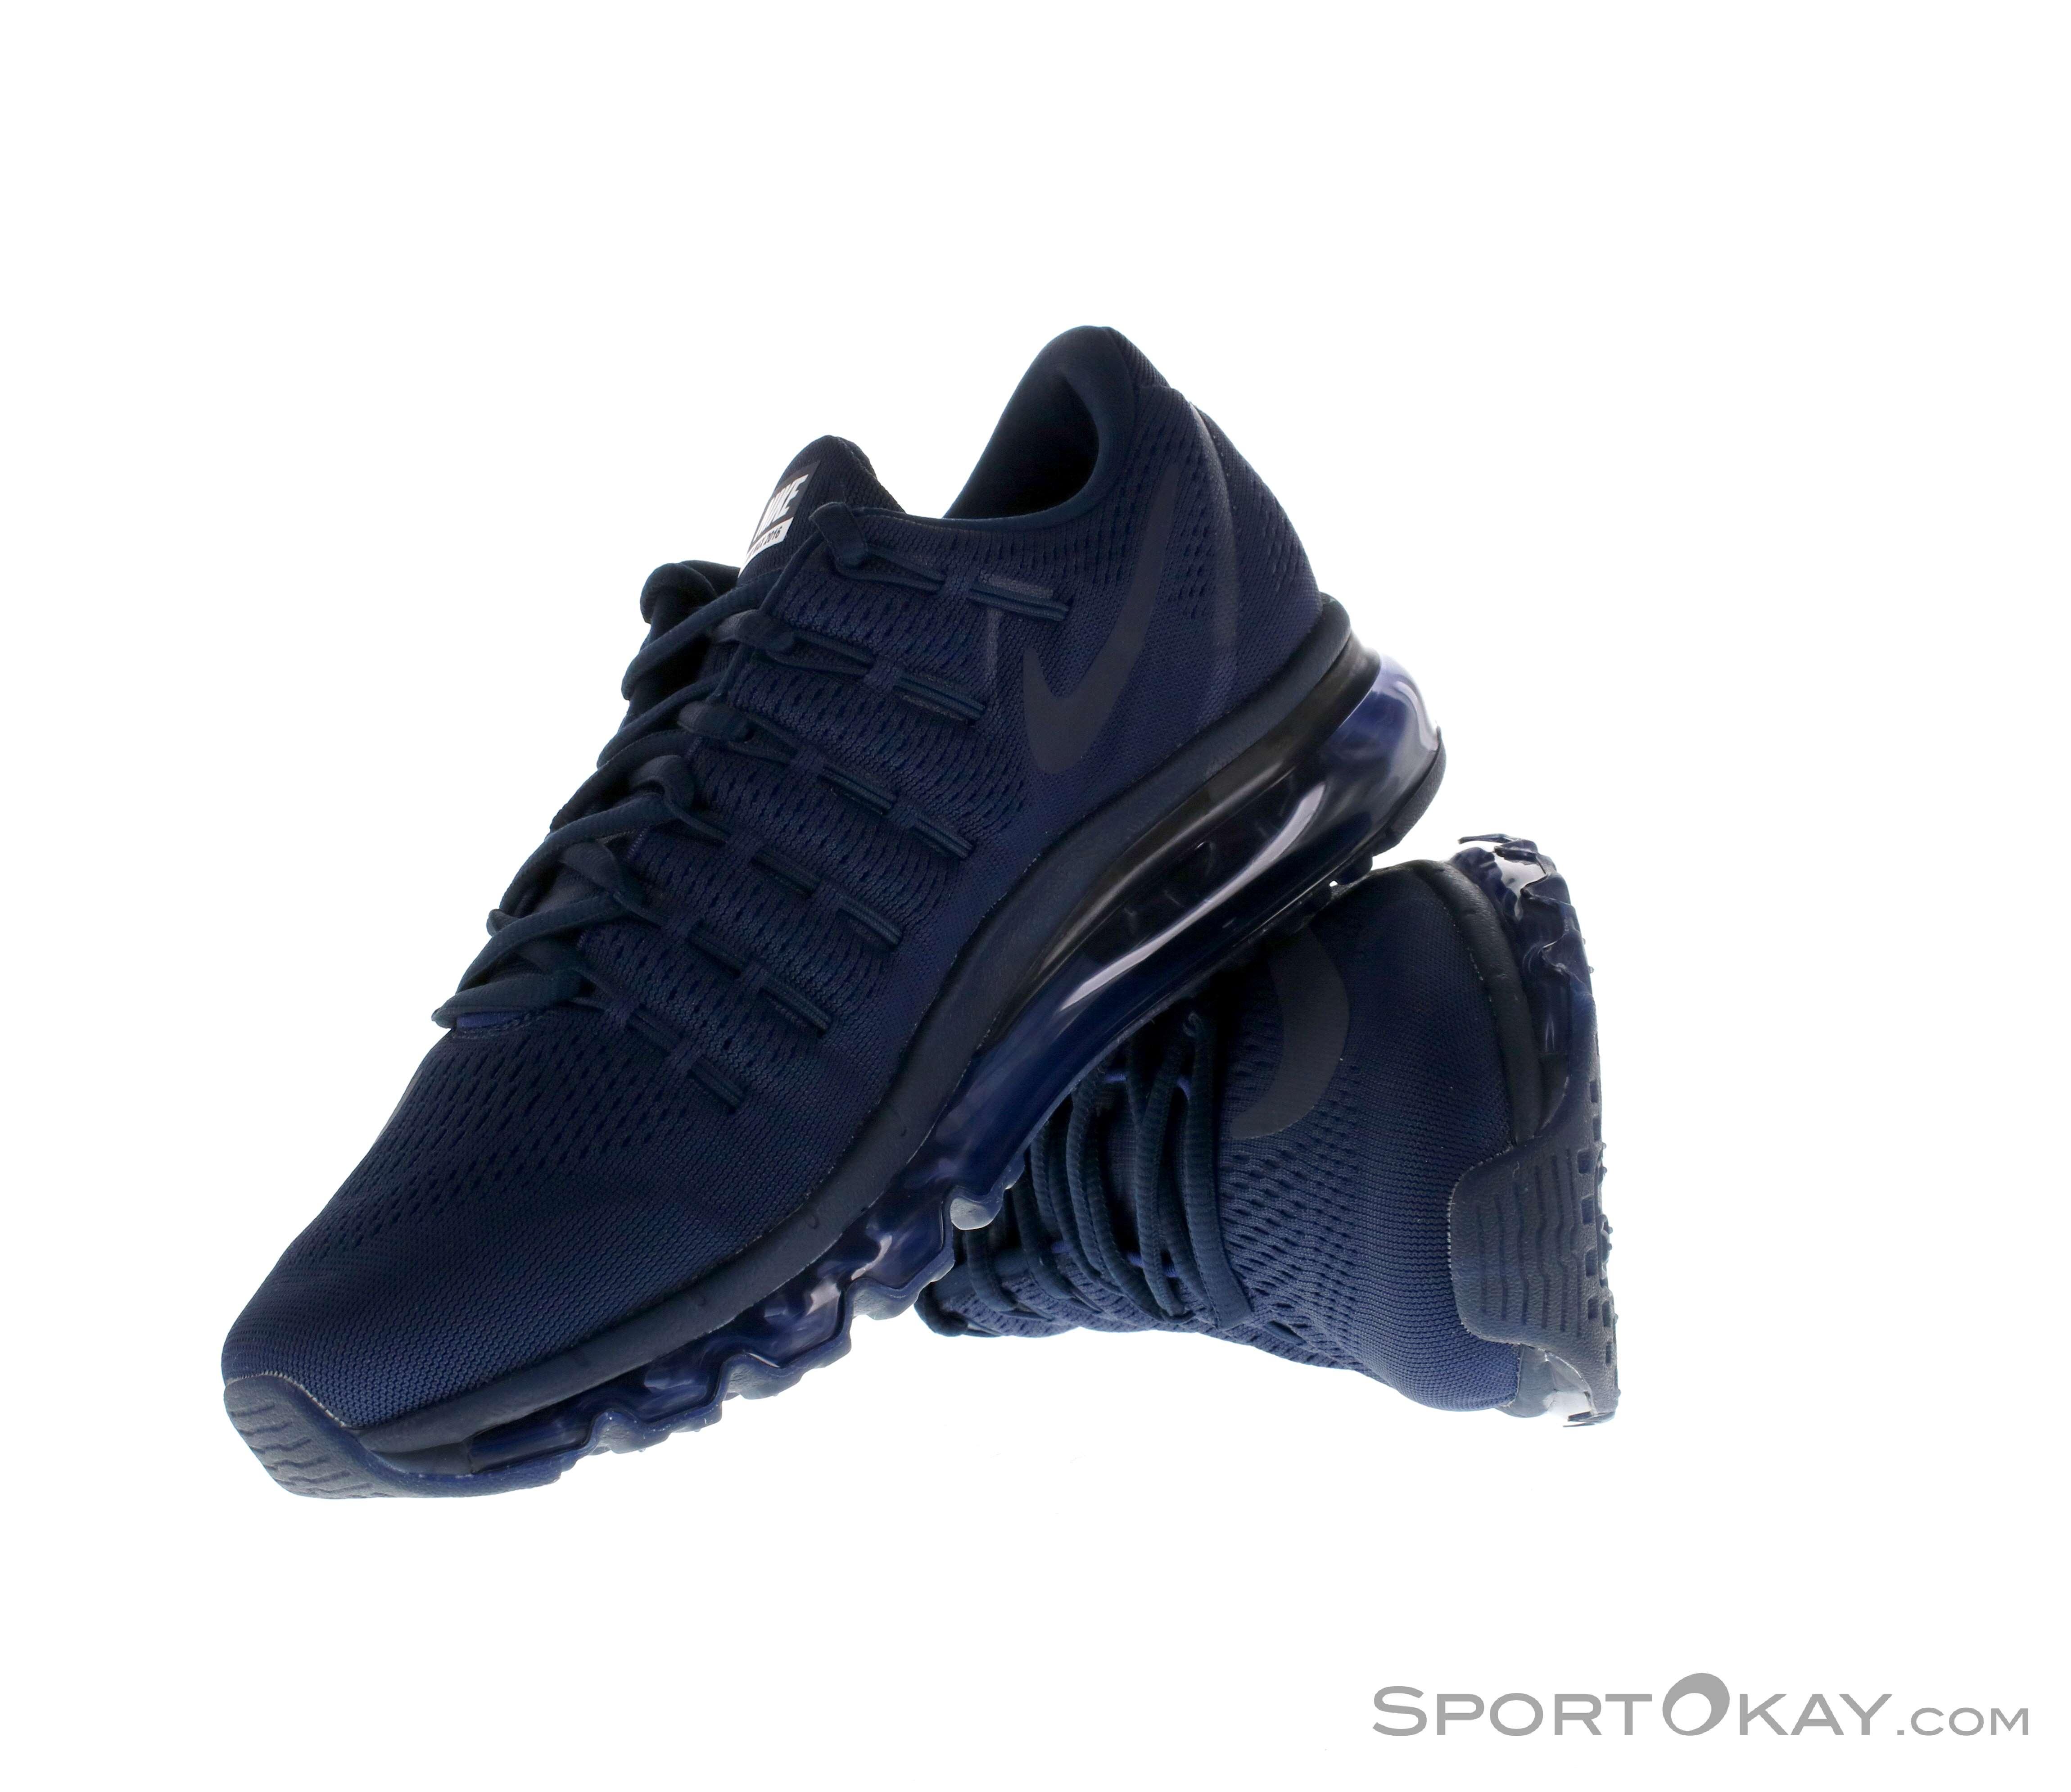 separation shoes aa936 e261d Nike Air Max 2016 Herren Laufschuhe, Nike, Blau, , Herren, 0026-